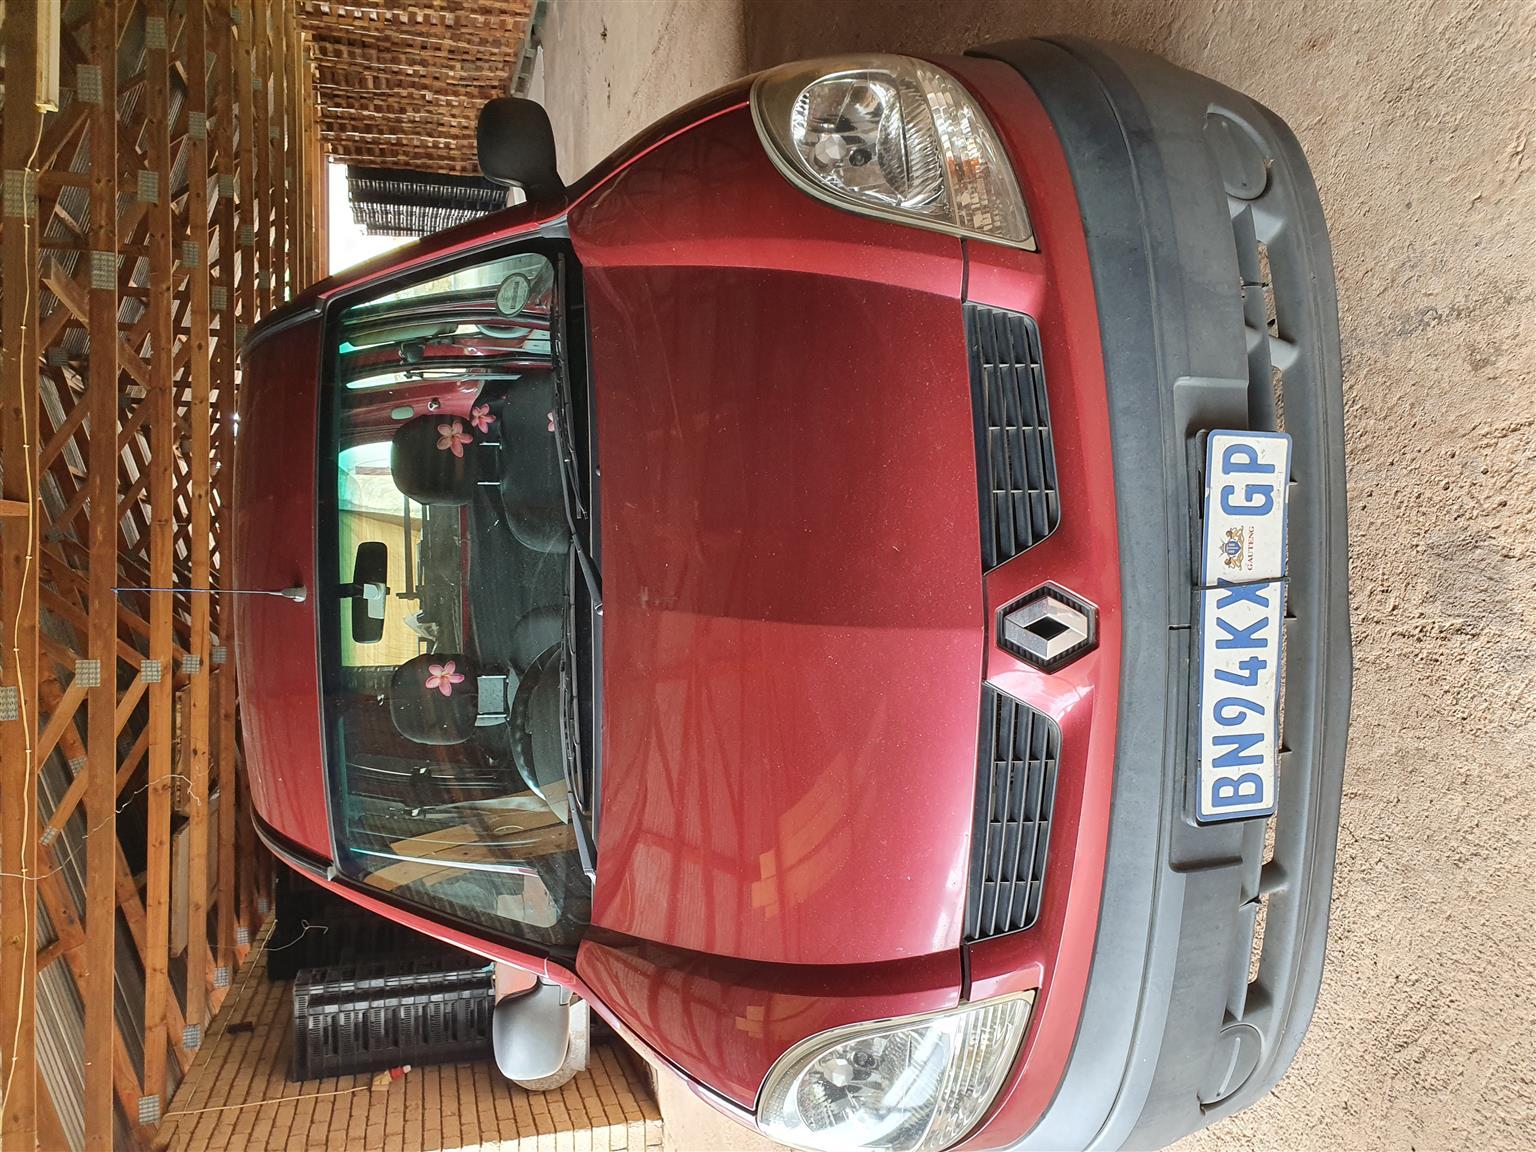 2005 Renault Kangoo Multix 1.4